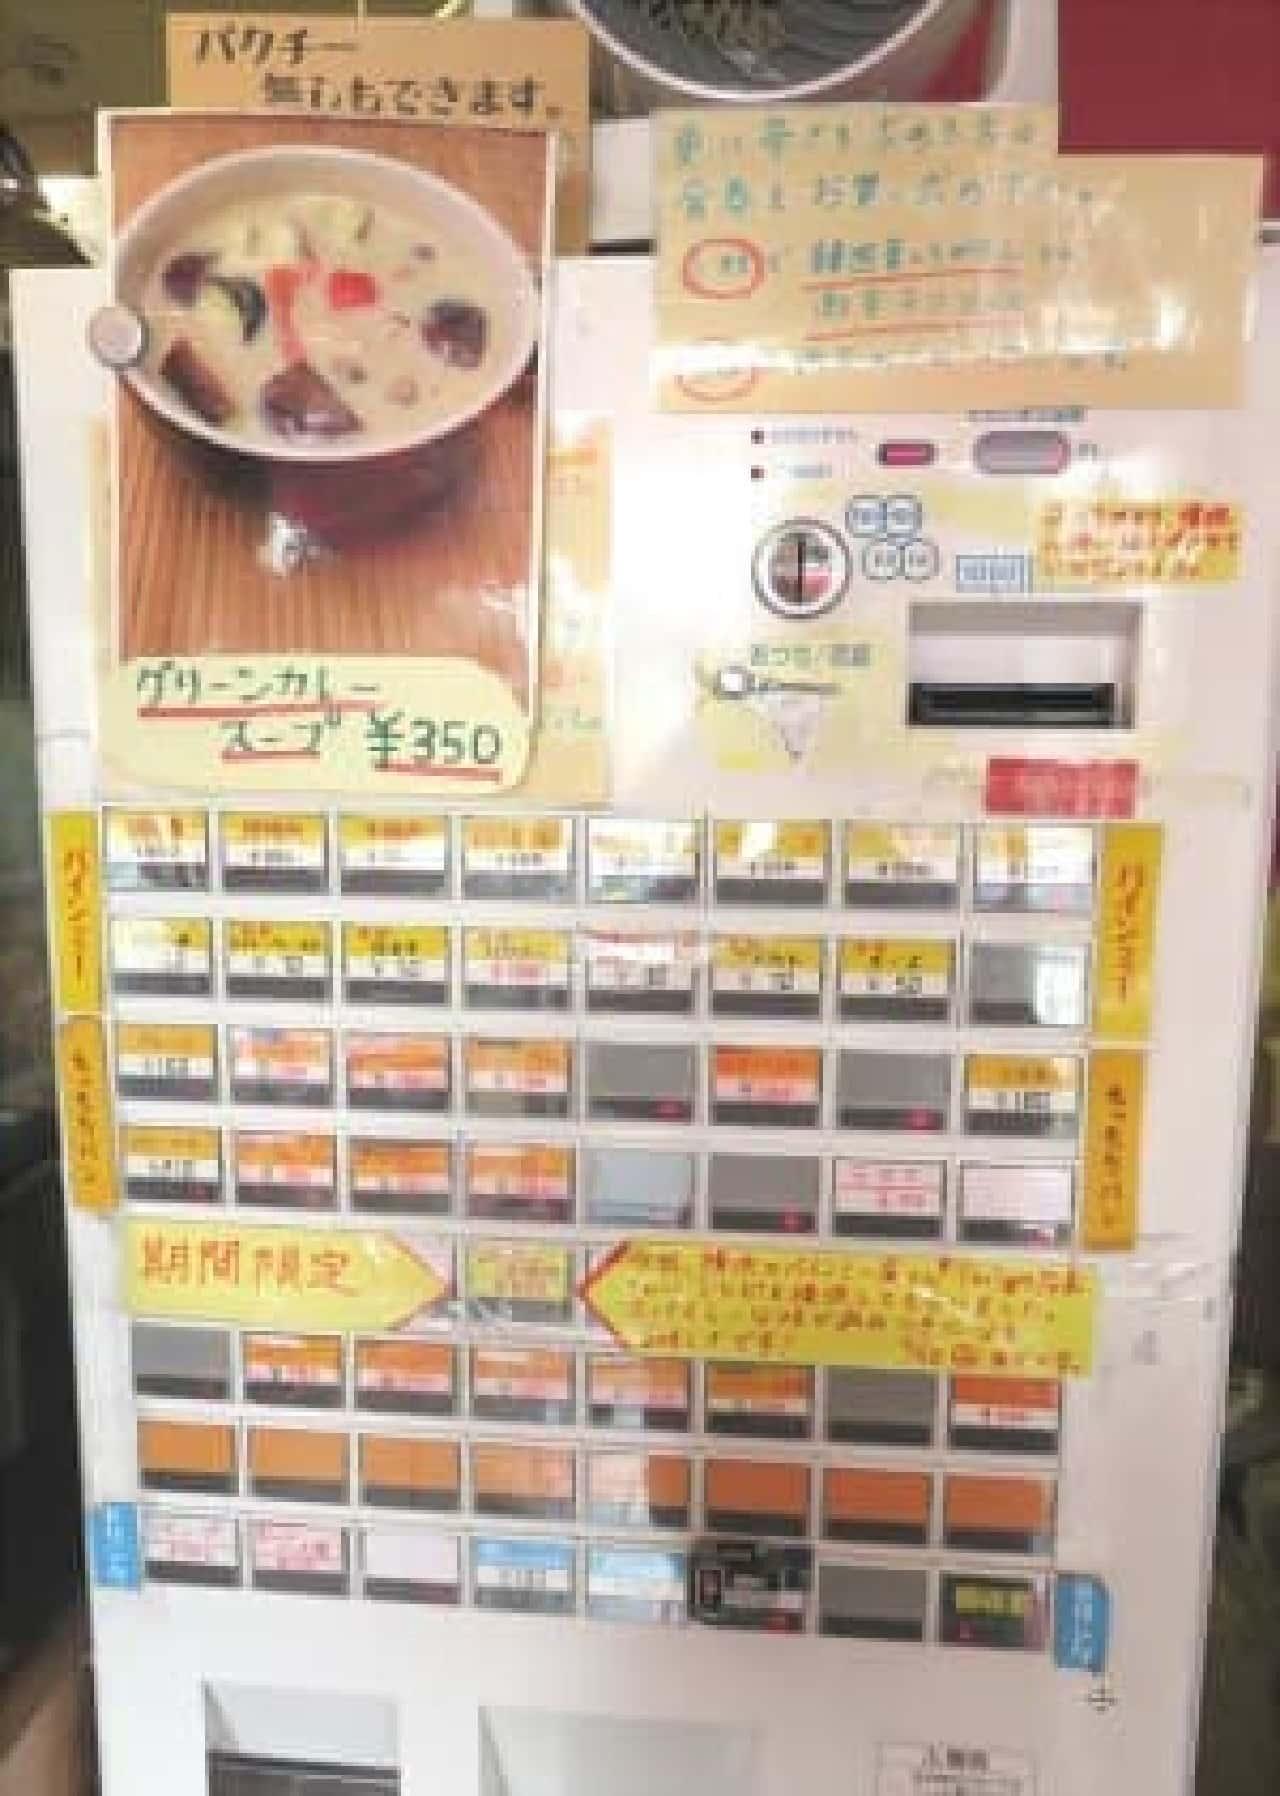 グリーンカレースープや期間限定メニューなどにも目を奪われる食券機